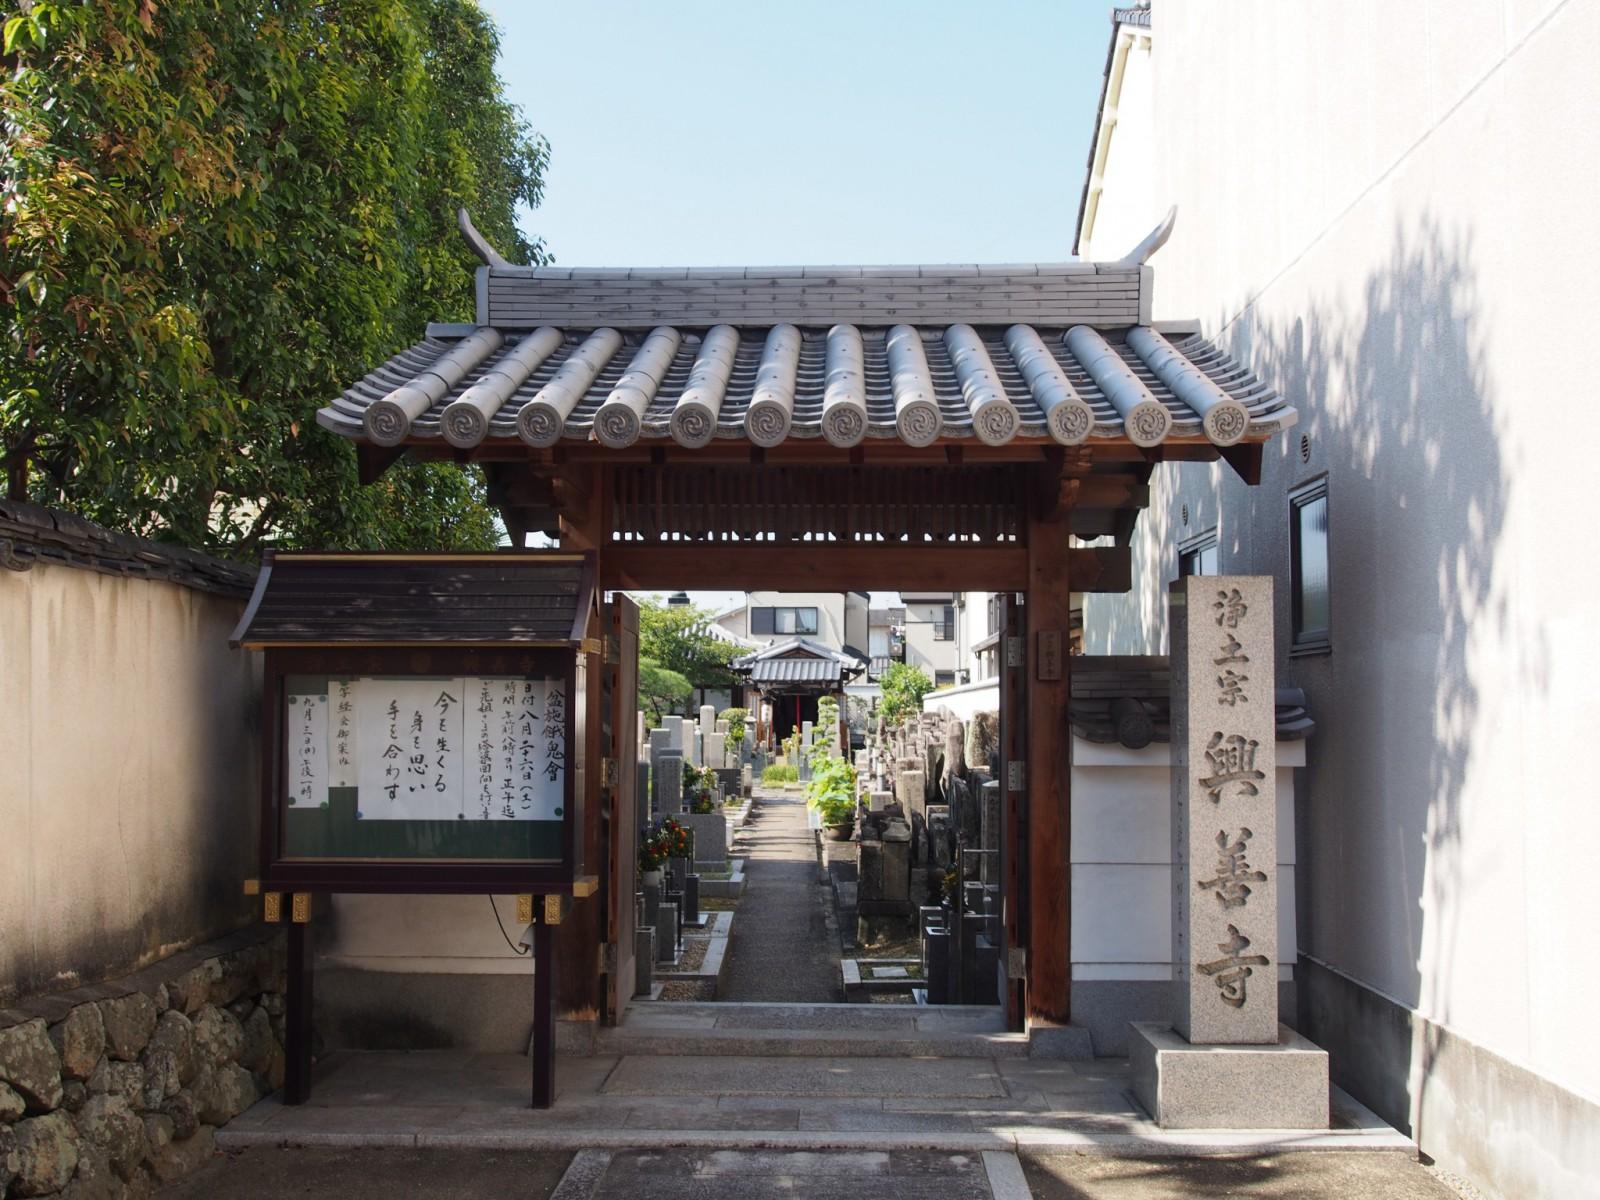 興善寺の山門(奈良市)